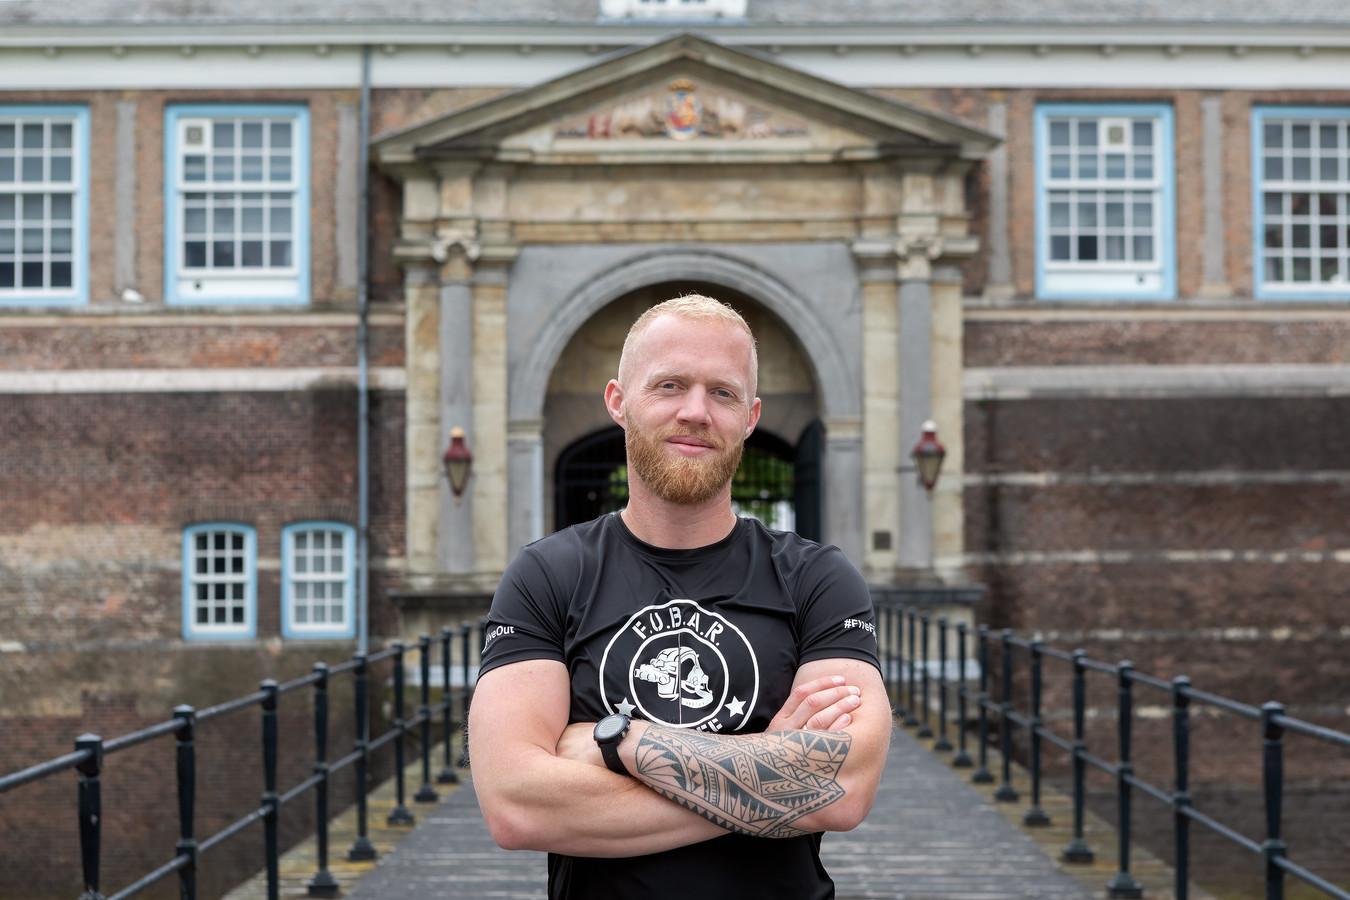 Marinier Robin Imthorn liep PTSS op tijdens zijn uitzending naar Uruzgan. Nu loopt hij 5 marathons in 5 dagen tijd om te laten zien dat hij er uiteindelijk alleen maar sterker uitgekomen is. Vandaag finishte hij op zijn vierde dag op het Kasteelplein in Breda, met achter hem het kasteel van Breda waar de KMA gevestigd is.